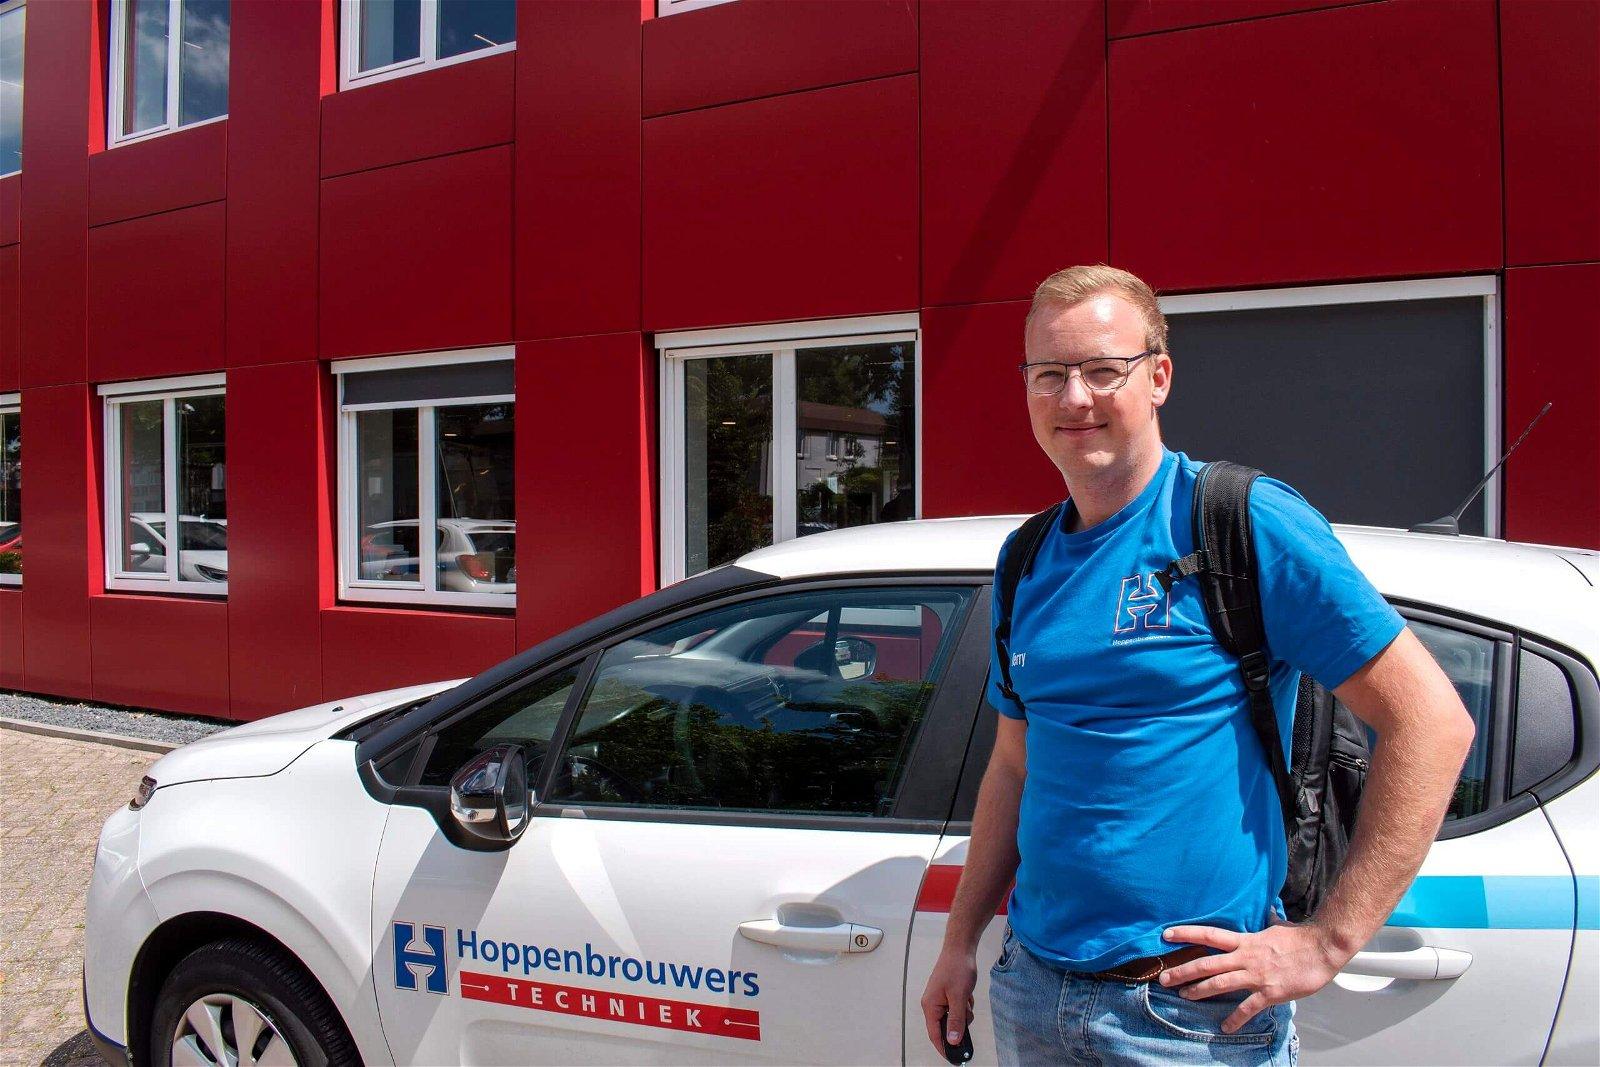 Terry van der Vegt